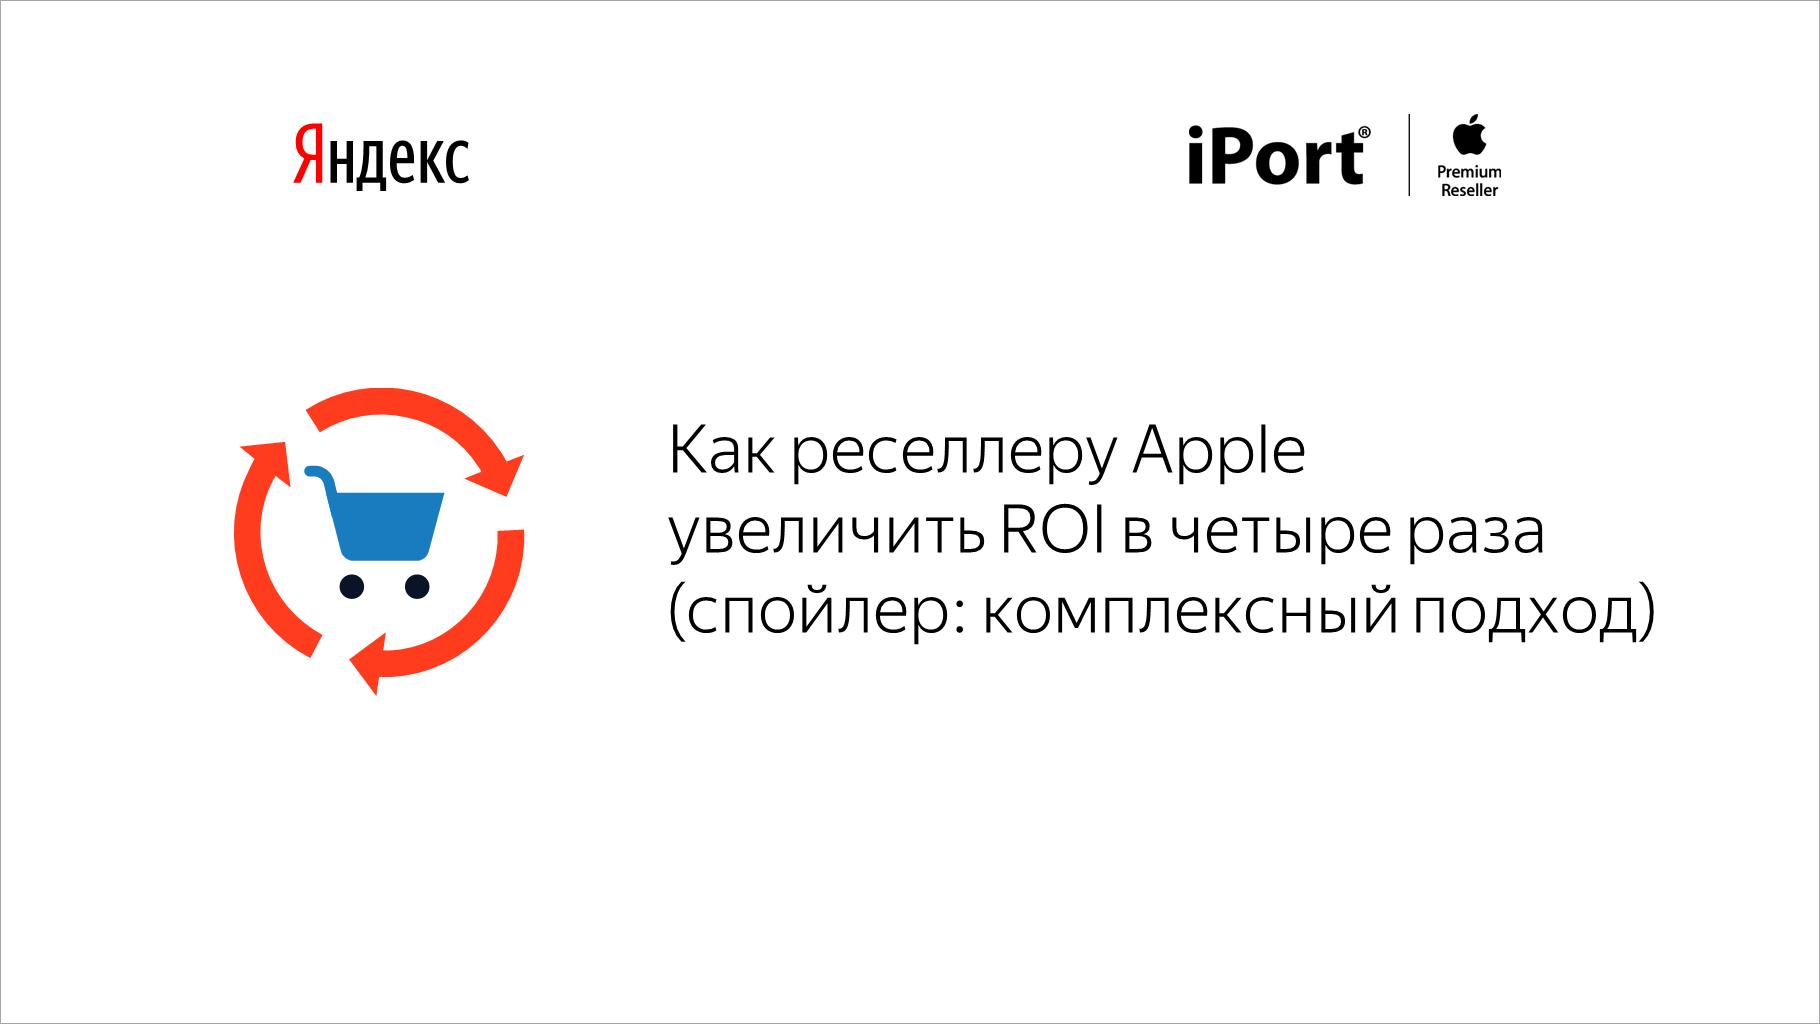 Как реселлеру Apple увеличить ROI вчетыре раза (спойлер: комплексный подход)